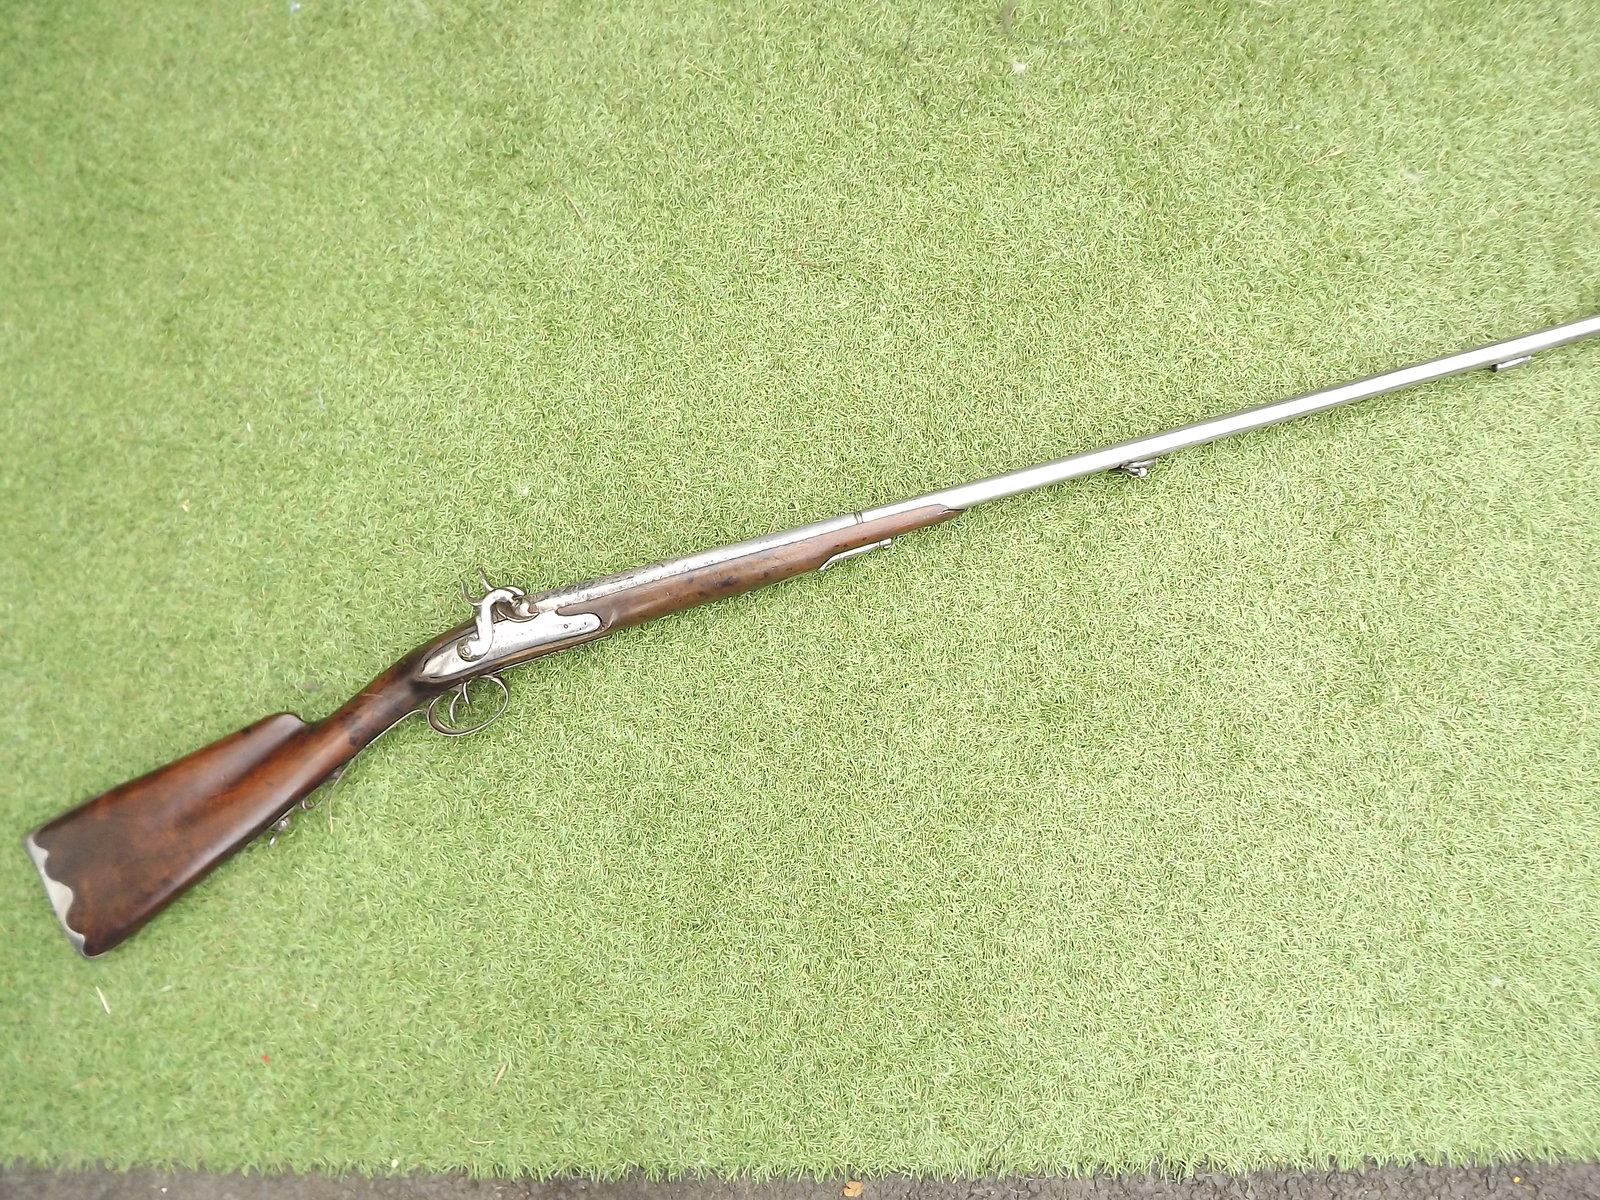 Fusil type Voltigeur 200920111641136947